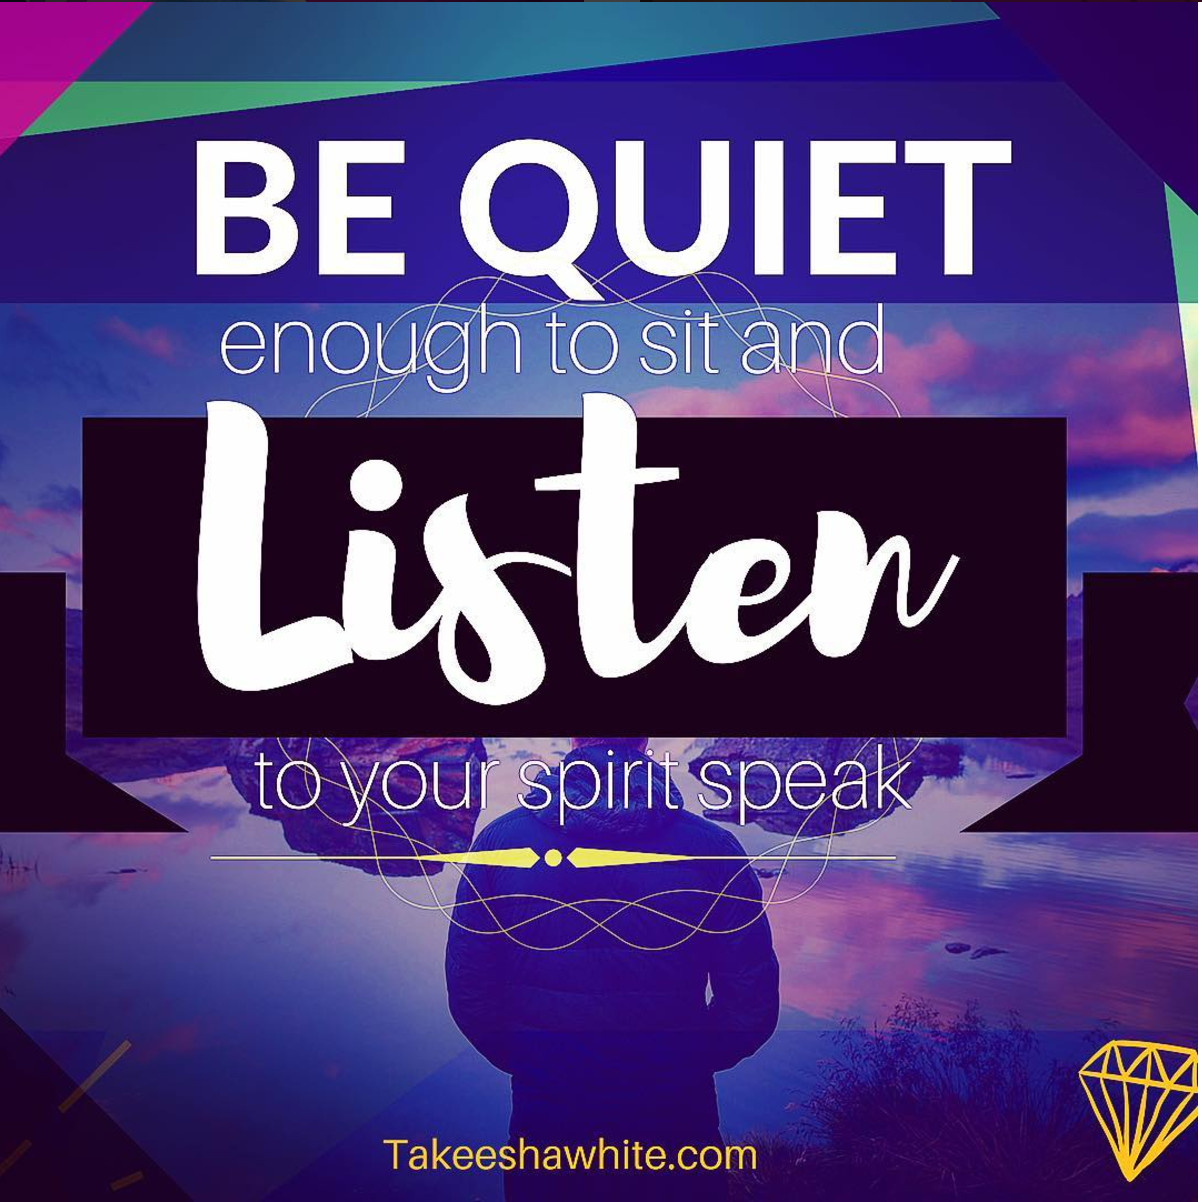 Listen to Your Spirit